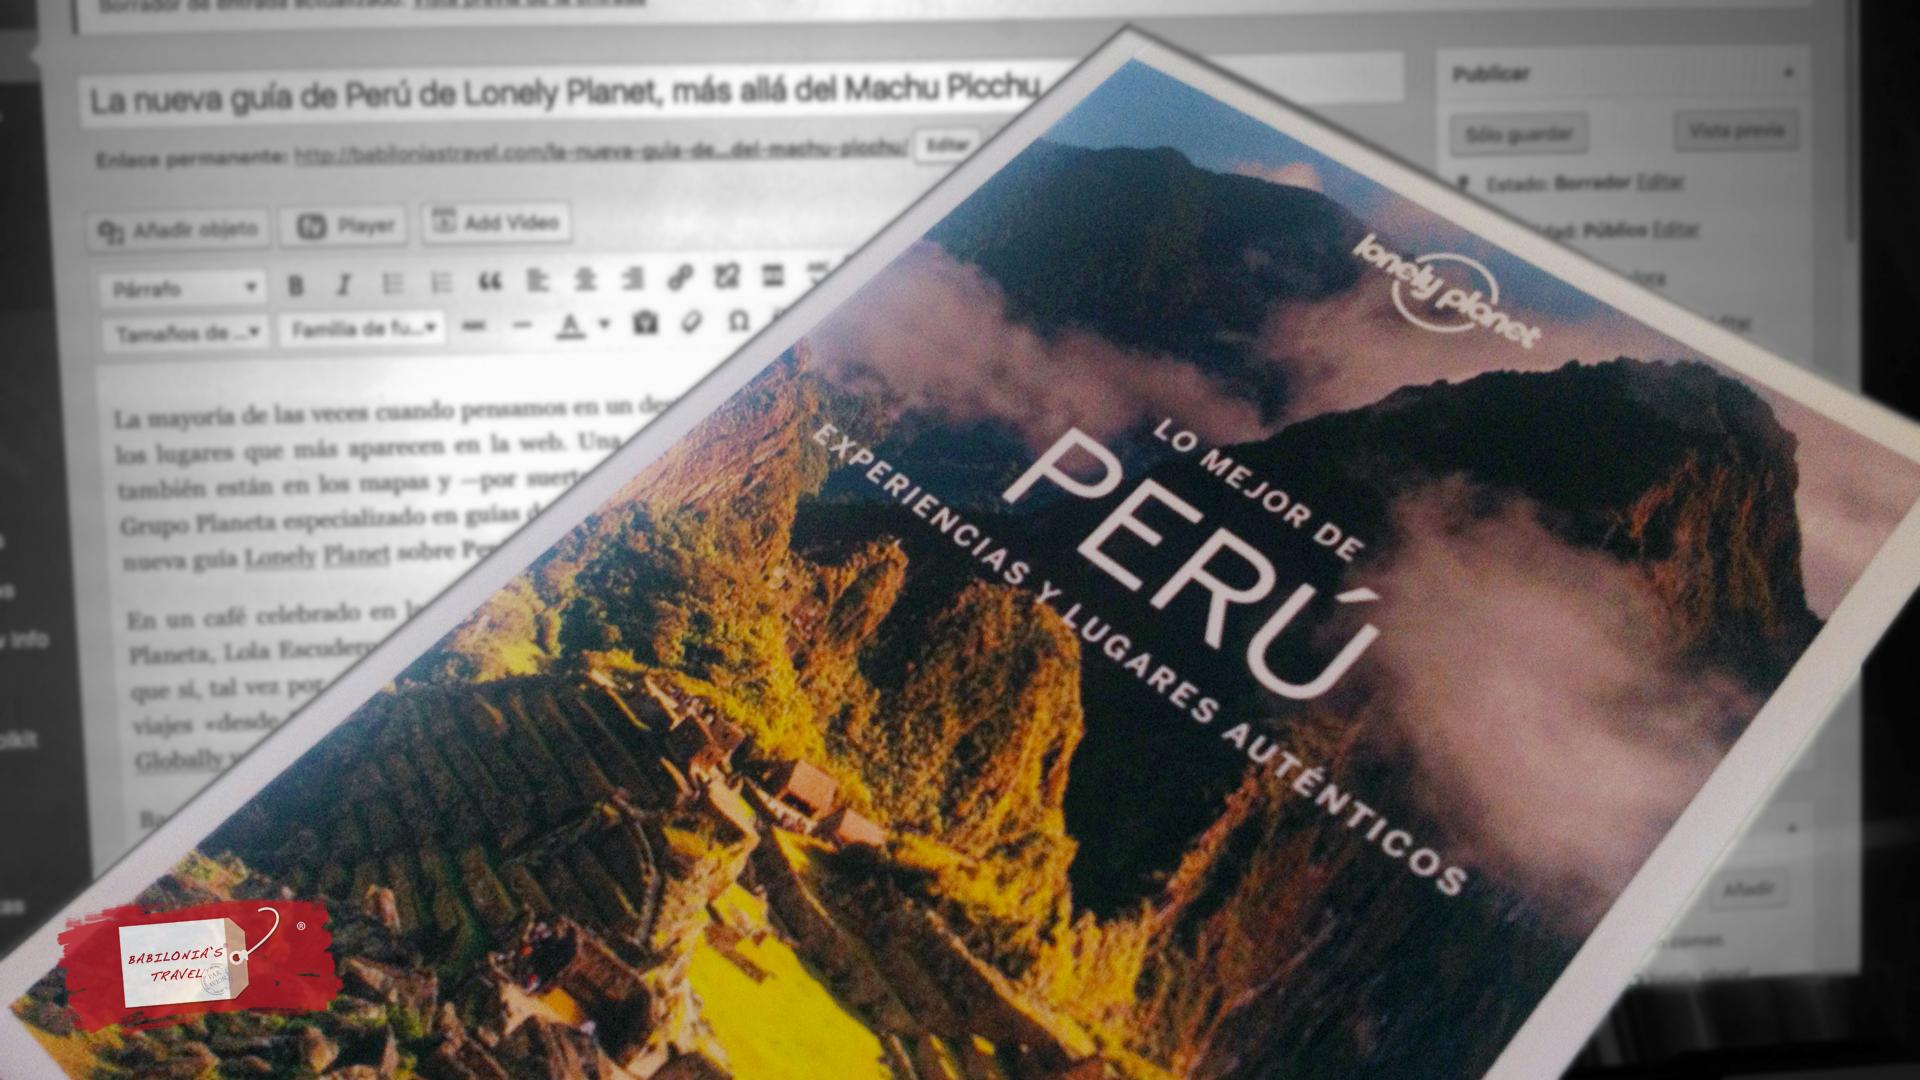 La Nueva Guía De Perú De Lonely Planet, Más Allá Del Machu Picchu